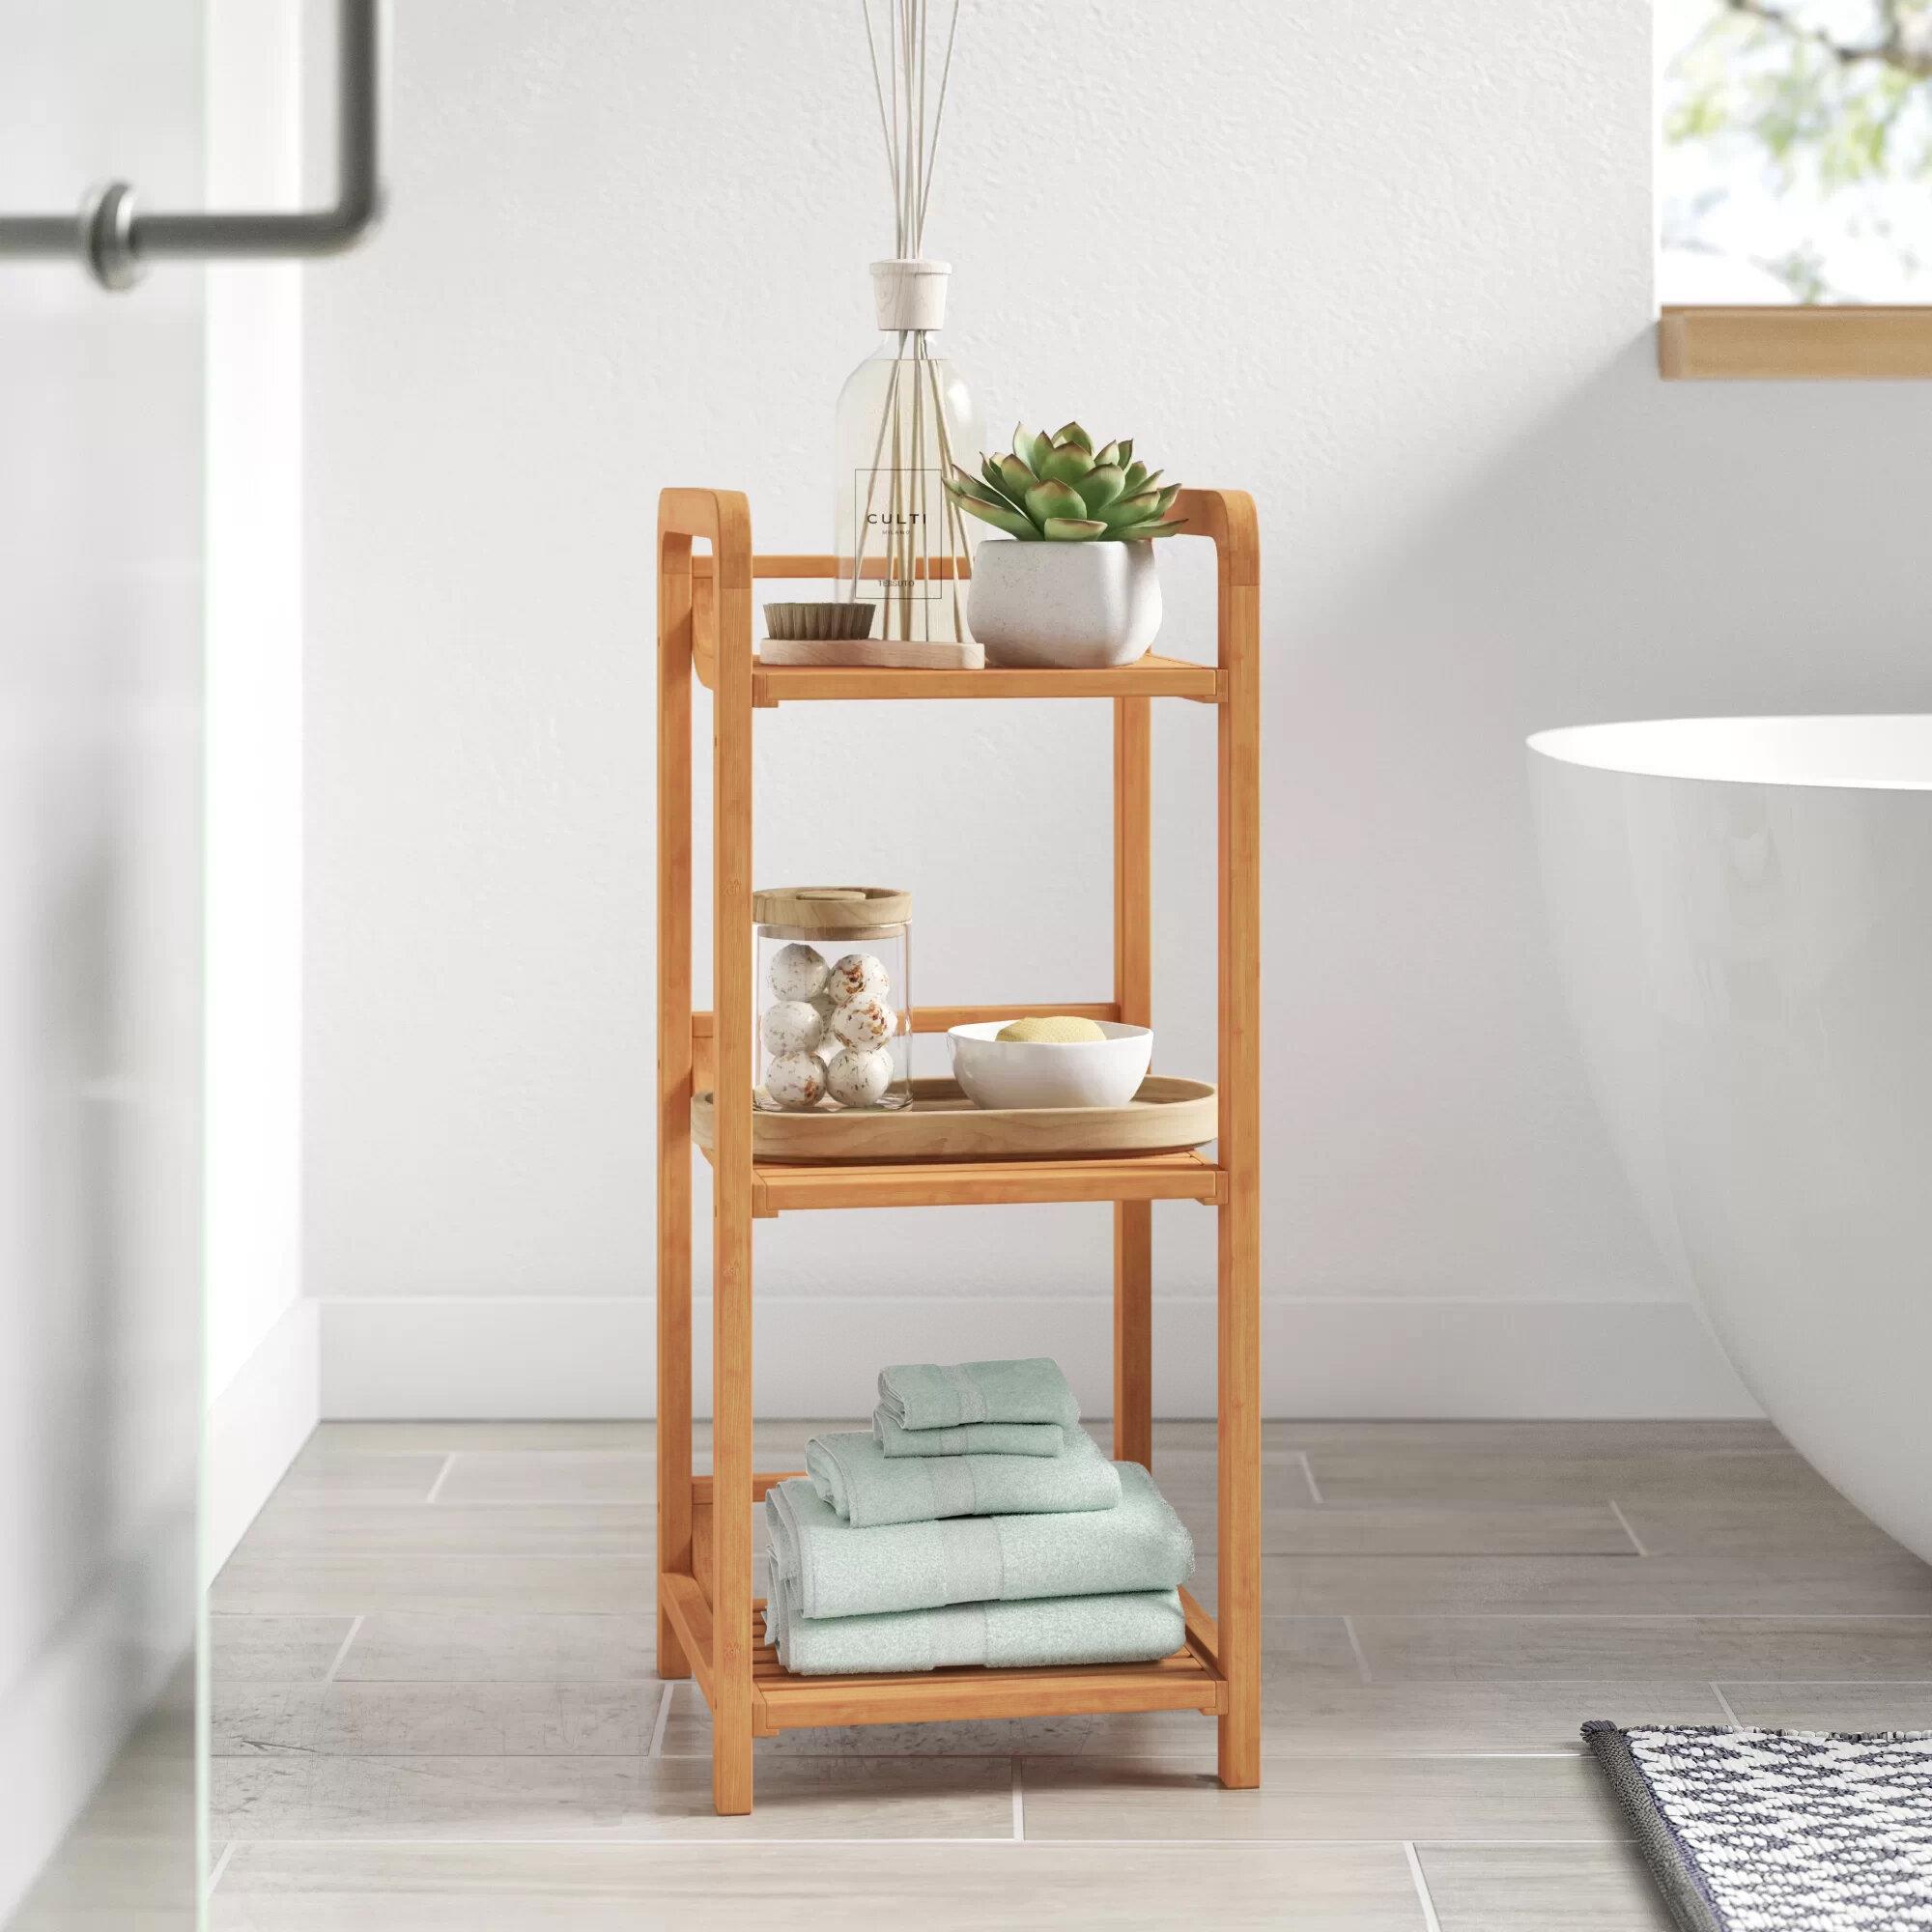 Dotted Line Ben 12 W X 27 75 H X 12 D Free Standing Bathroom Shelves Reviews Wayfair